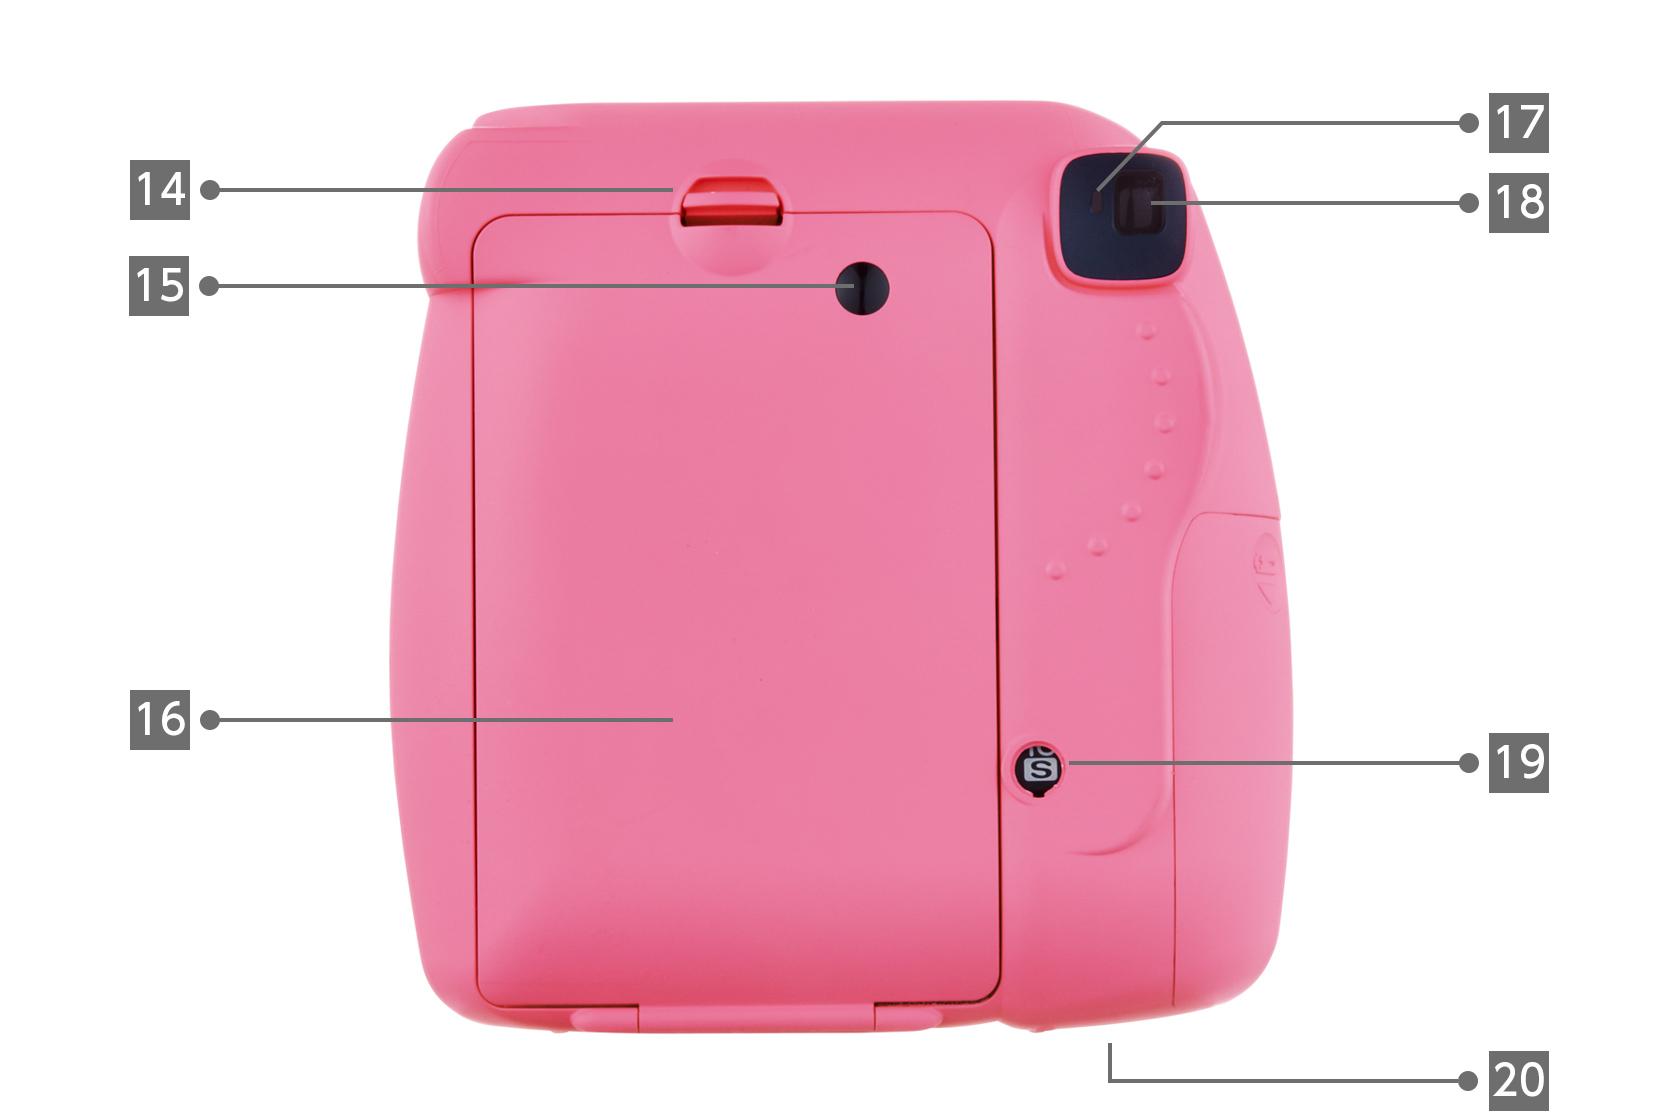 Vista traseira da câmera Mini 9 rosa flamingo